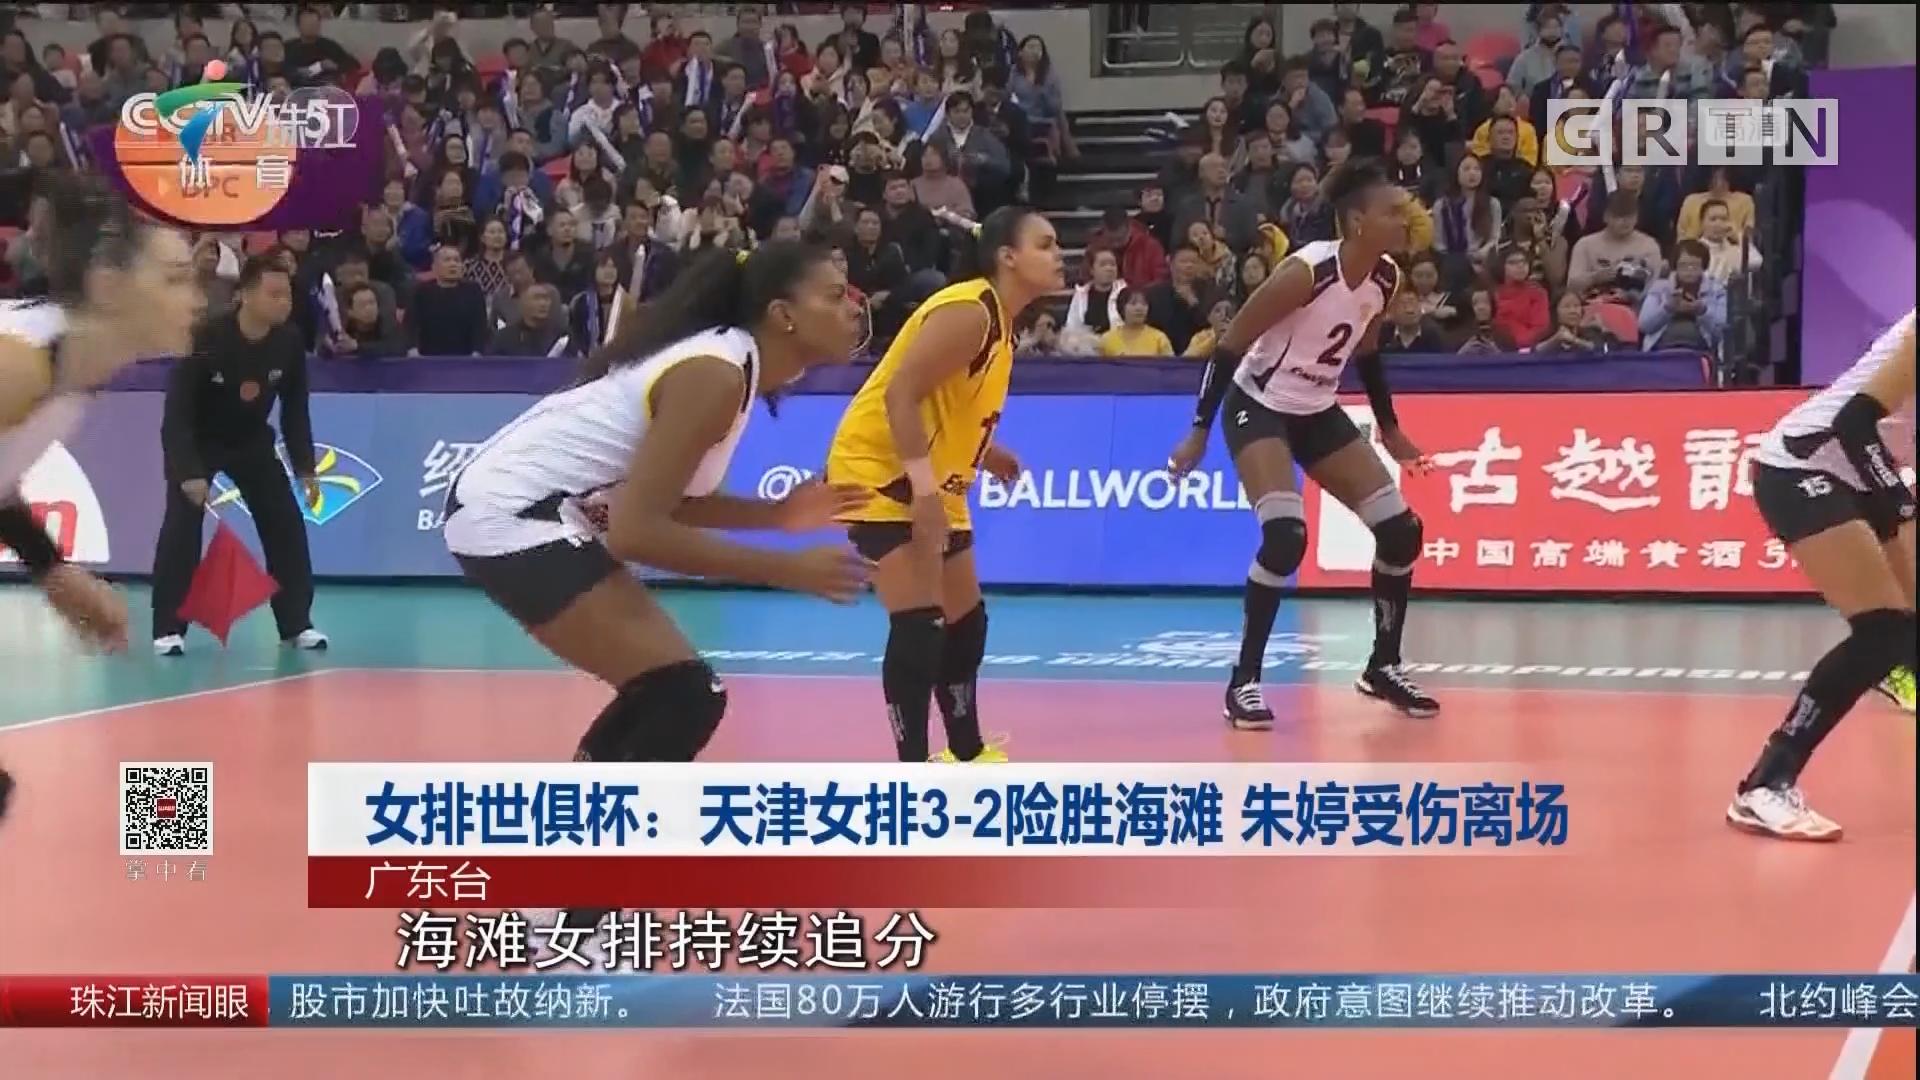 女排世俱杯:天津女排3-2险胜海滩 朱婷受伤离场